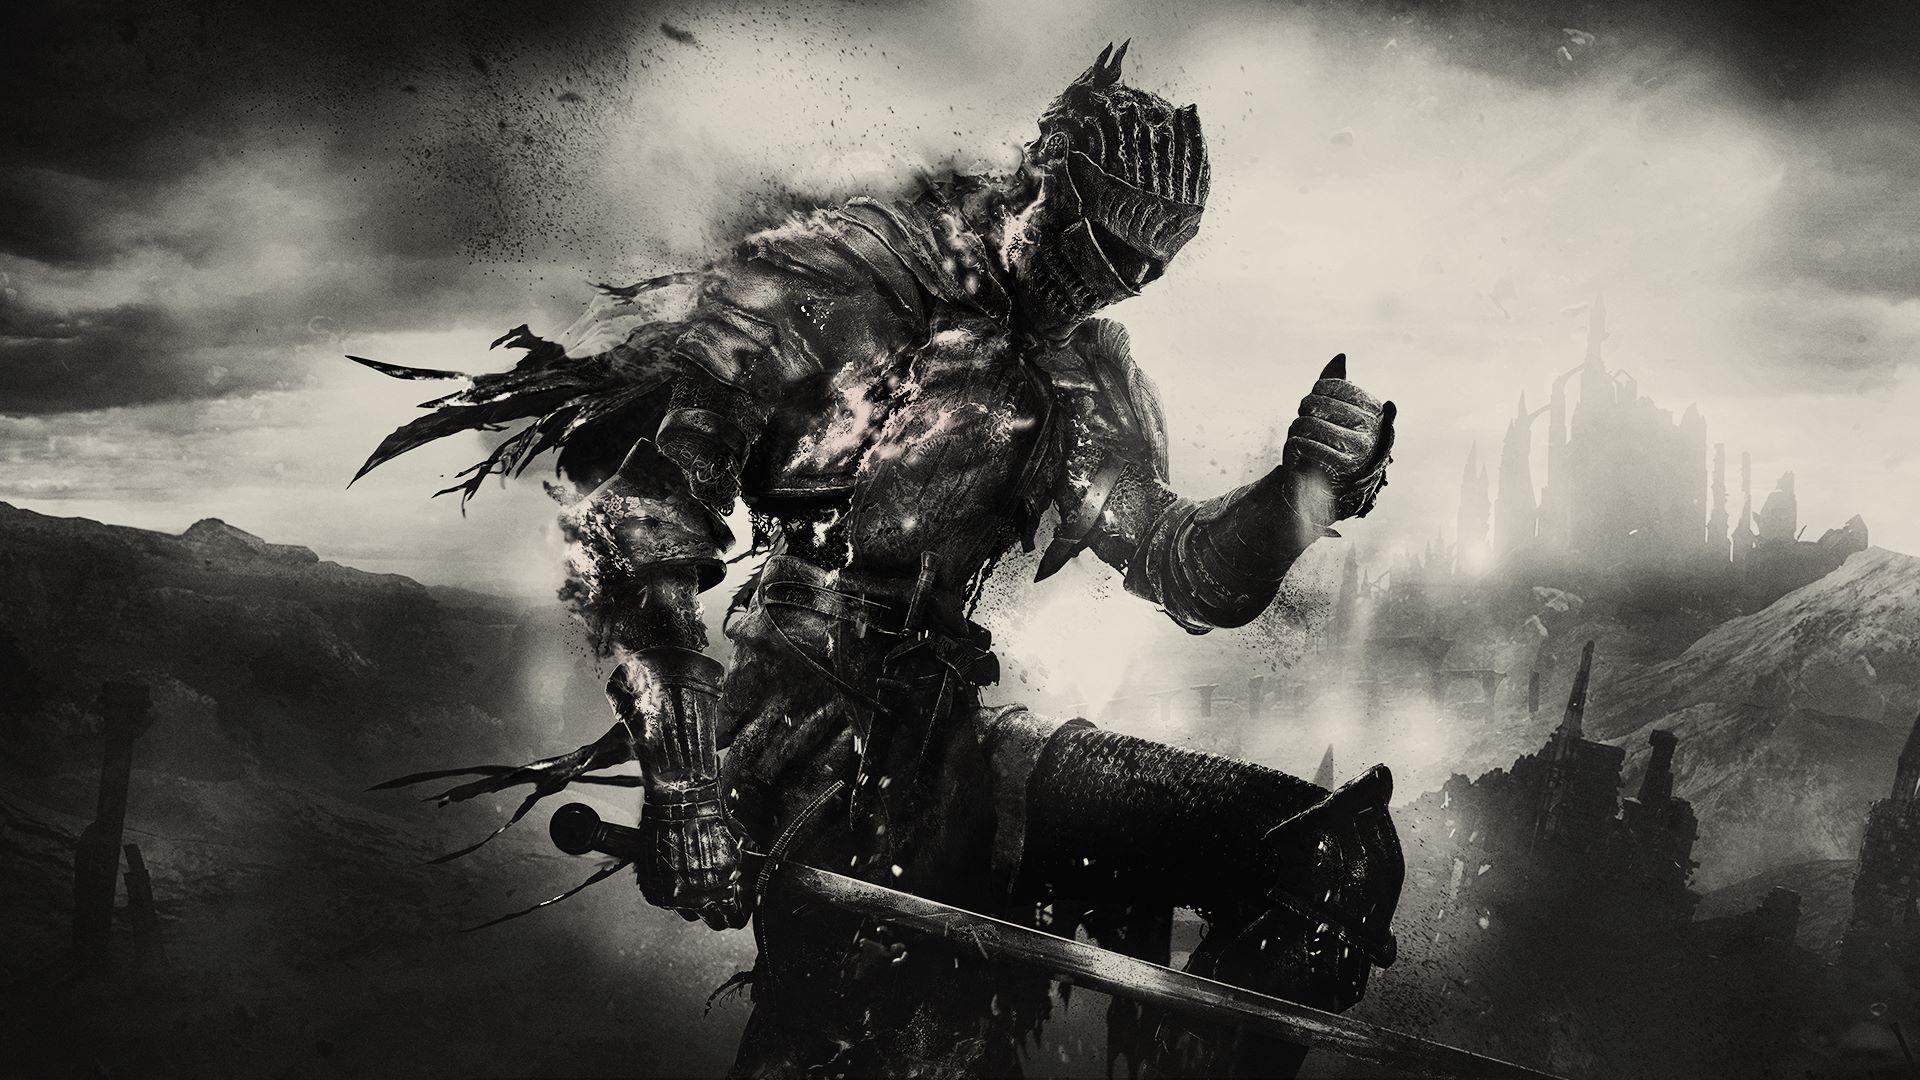 Un jugador descubre una mecánica cancelada de Dark Souls 3